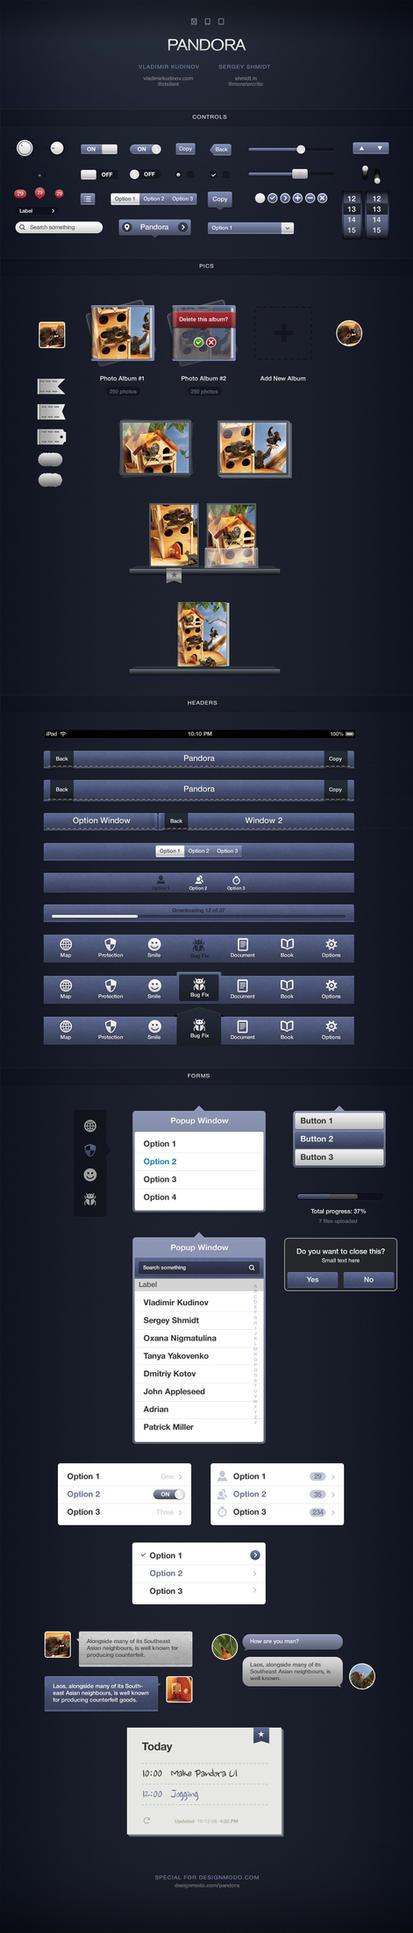 Pandora UI for iOS Designers by vladimirkudinov